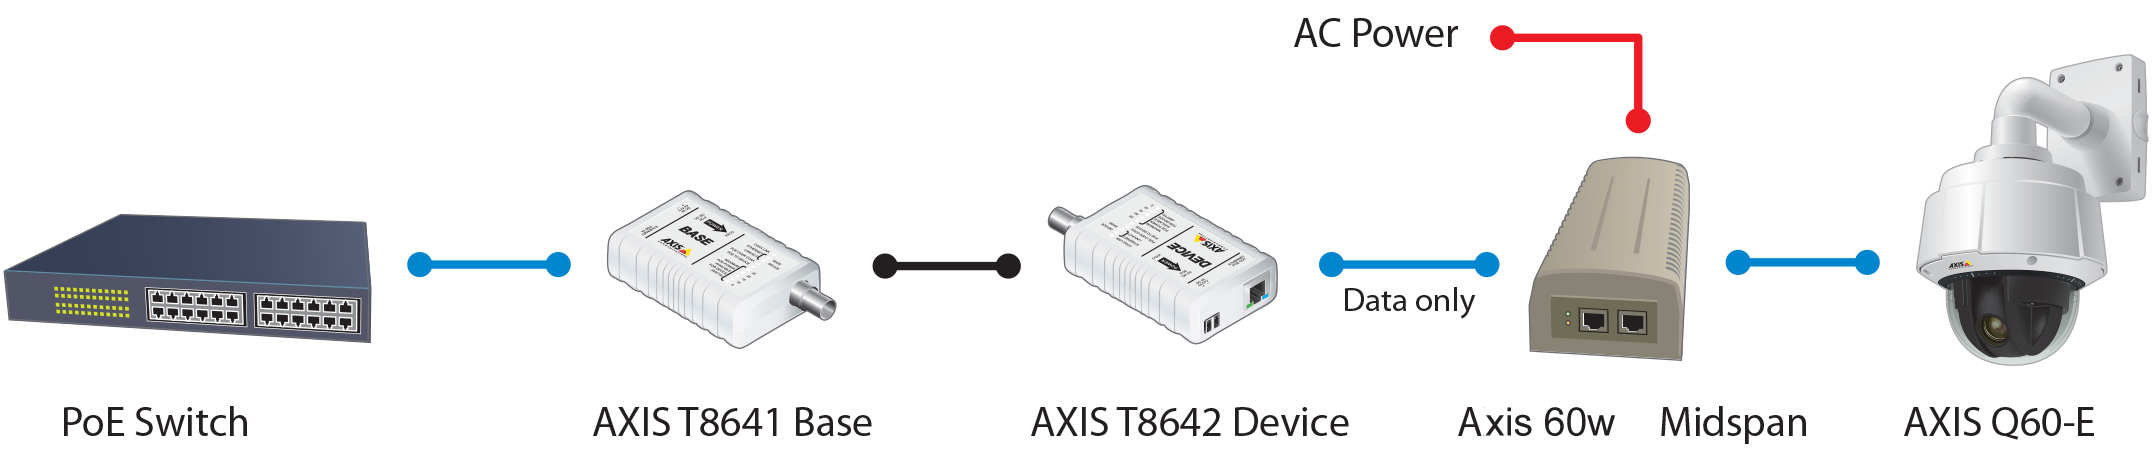 5_41_T8642_56V_Low_Power_cameras_Q60-E_0